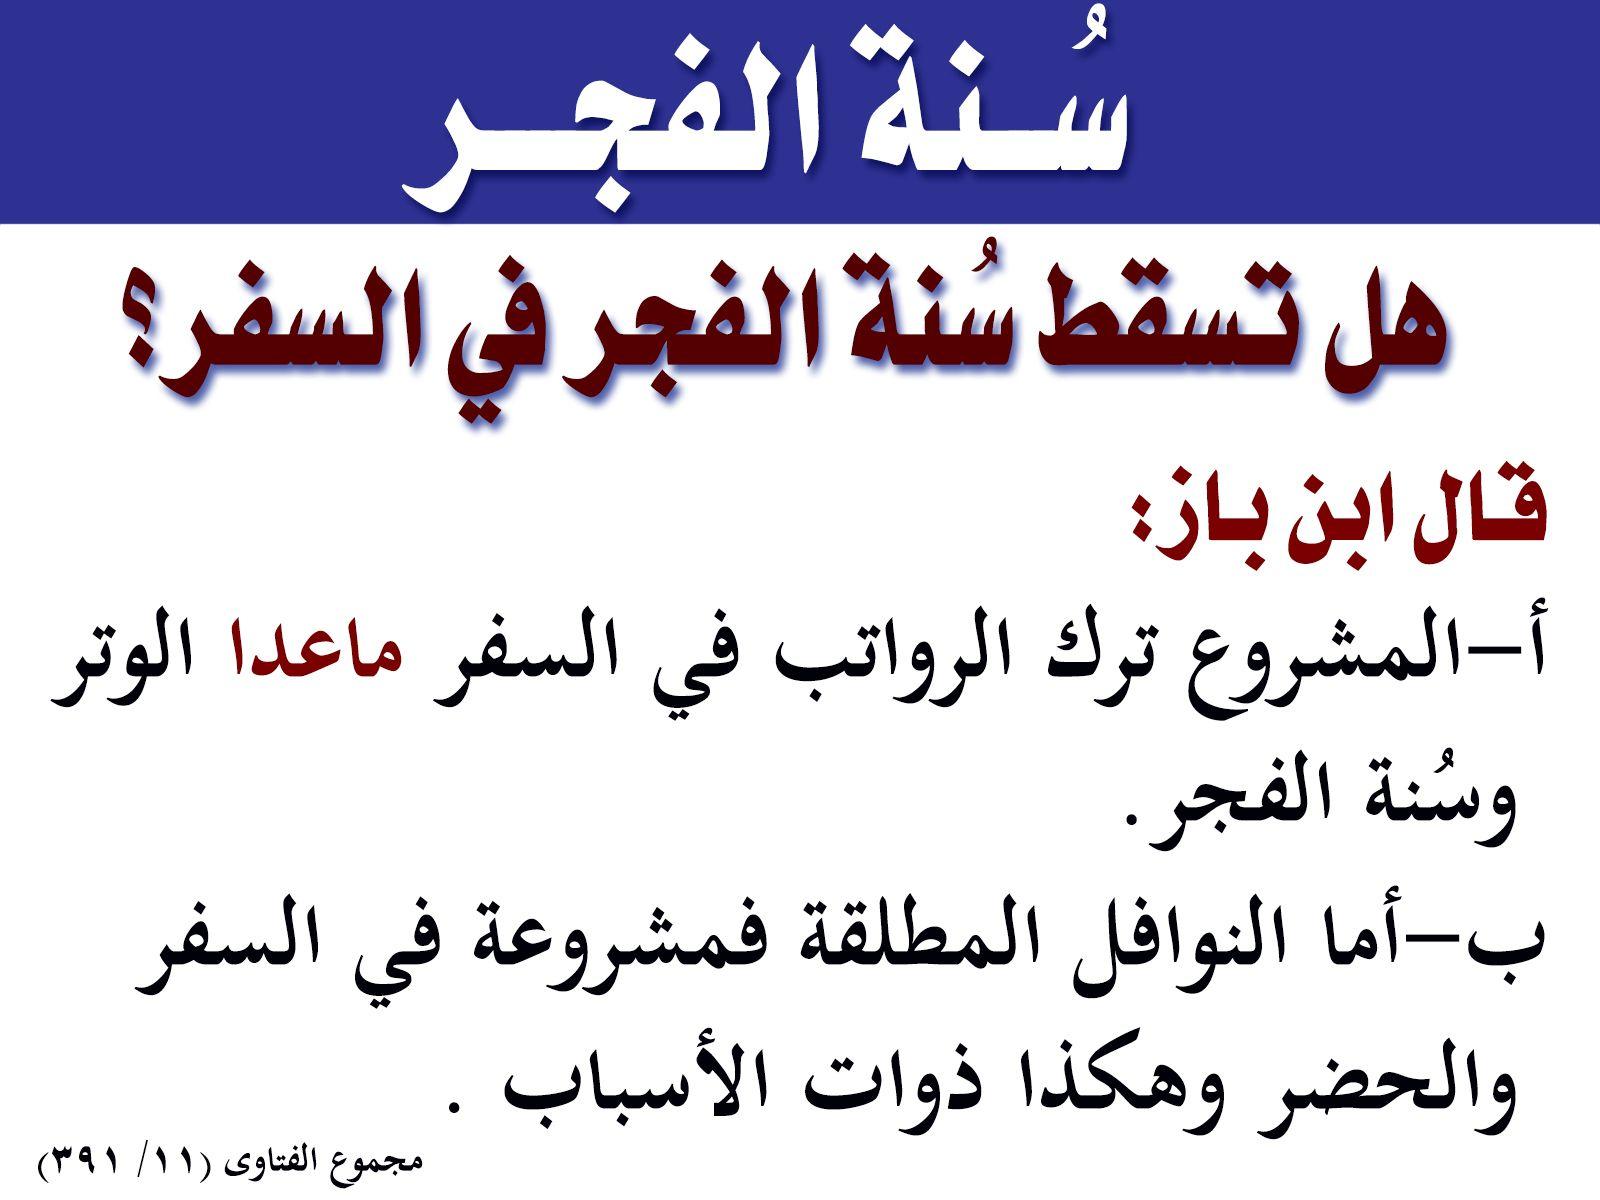 سنة الفجر هل تسقط في السفر Igis Arabic Calligraphy Calligraphy